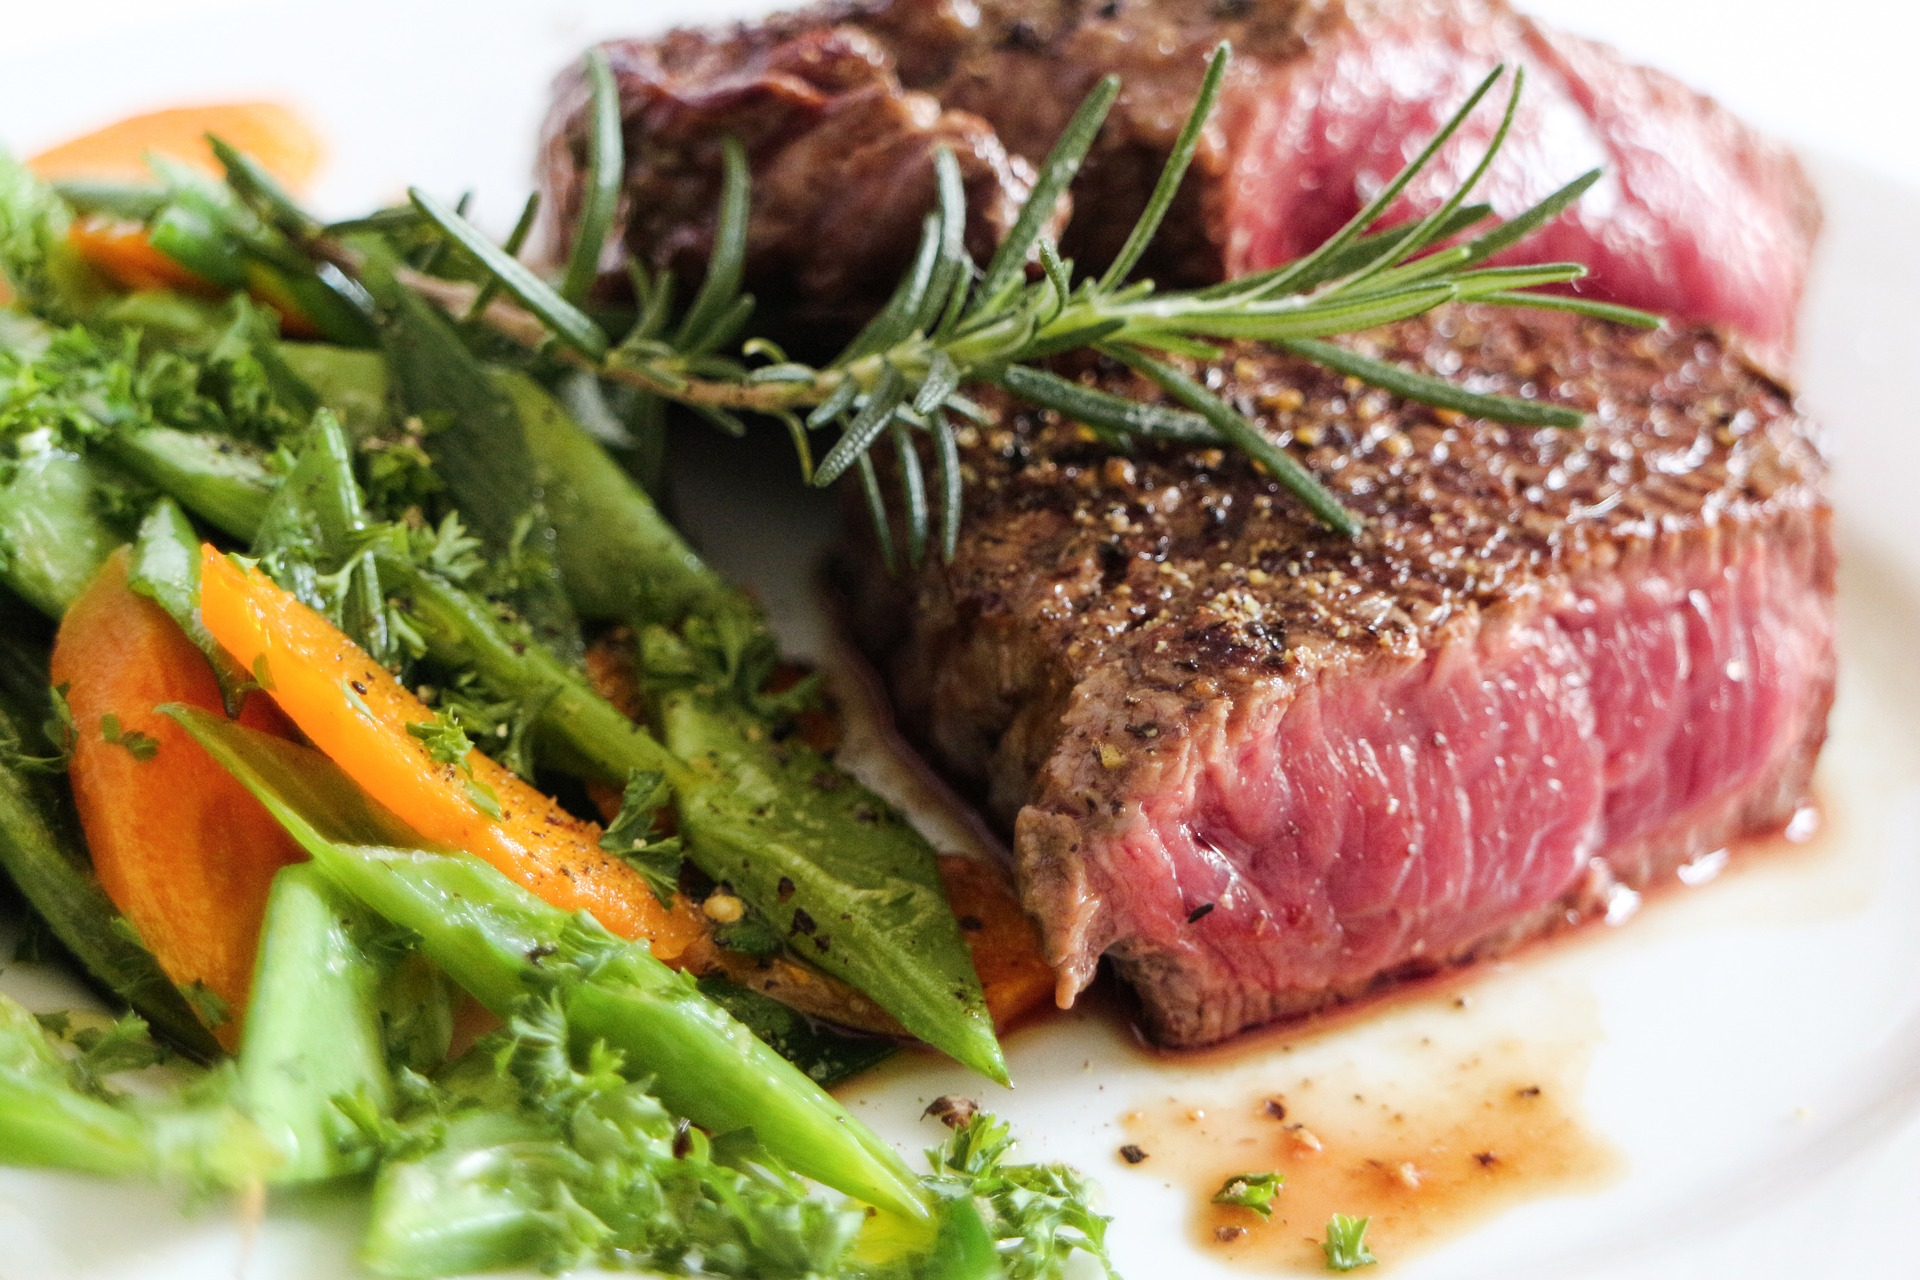 wat-mag-je-niet-eten-als-je-zwanger-bent-11-verboden-voedingsmiddelen